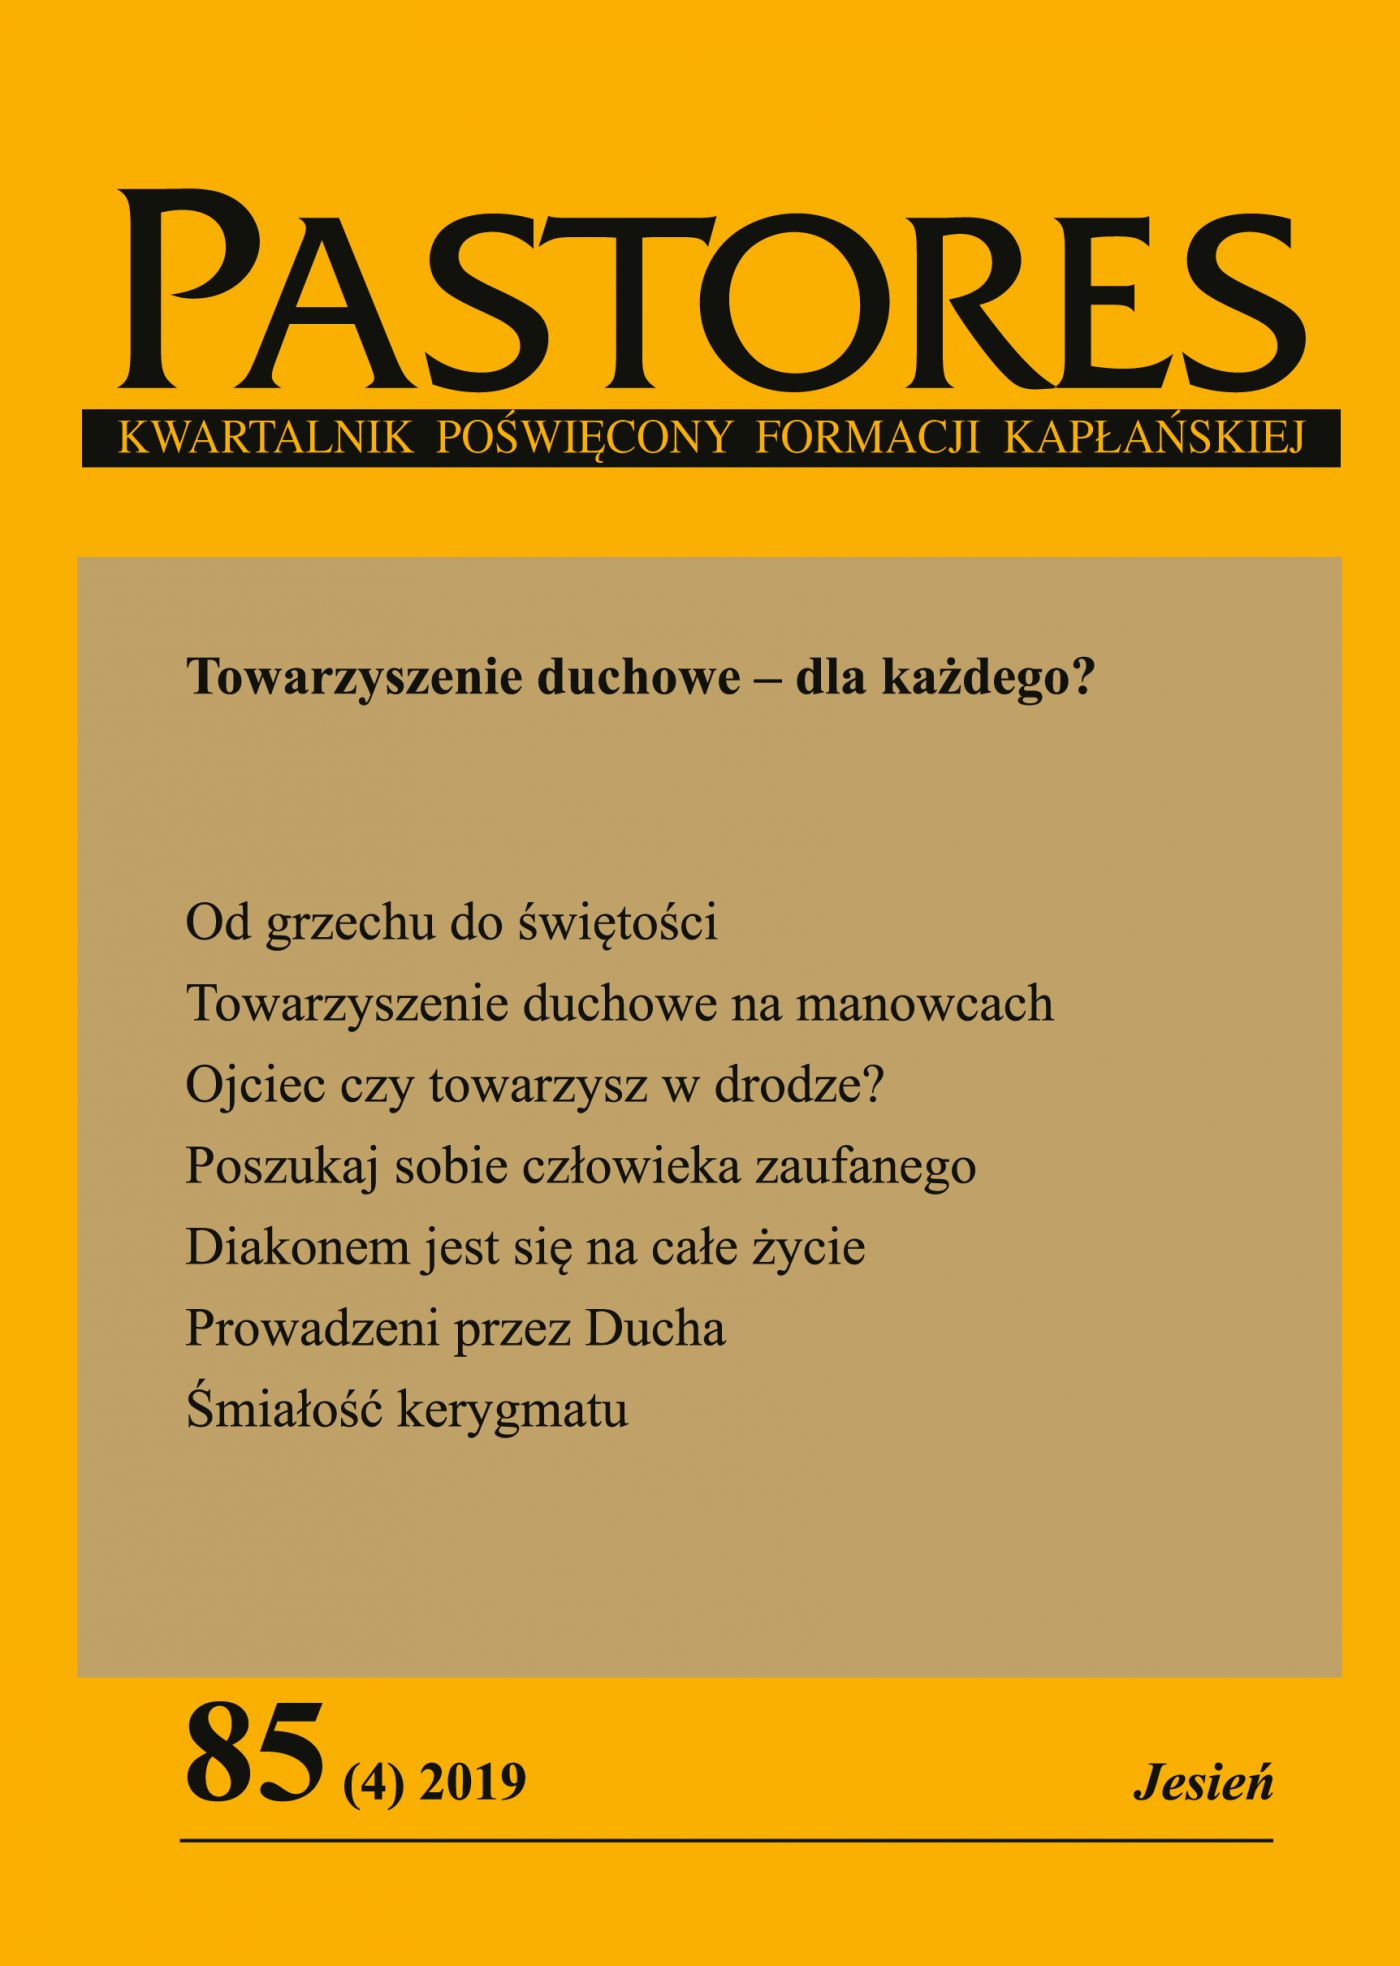 Pastores 85 (4) 2019 - Ebook (Książka EPUB) do pobrania w formacie EPUB